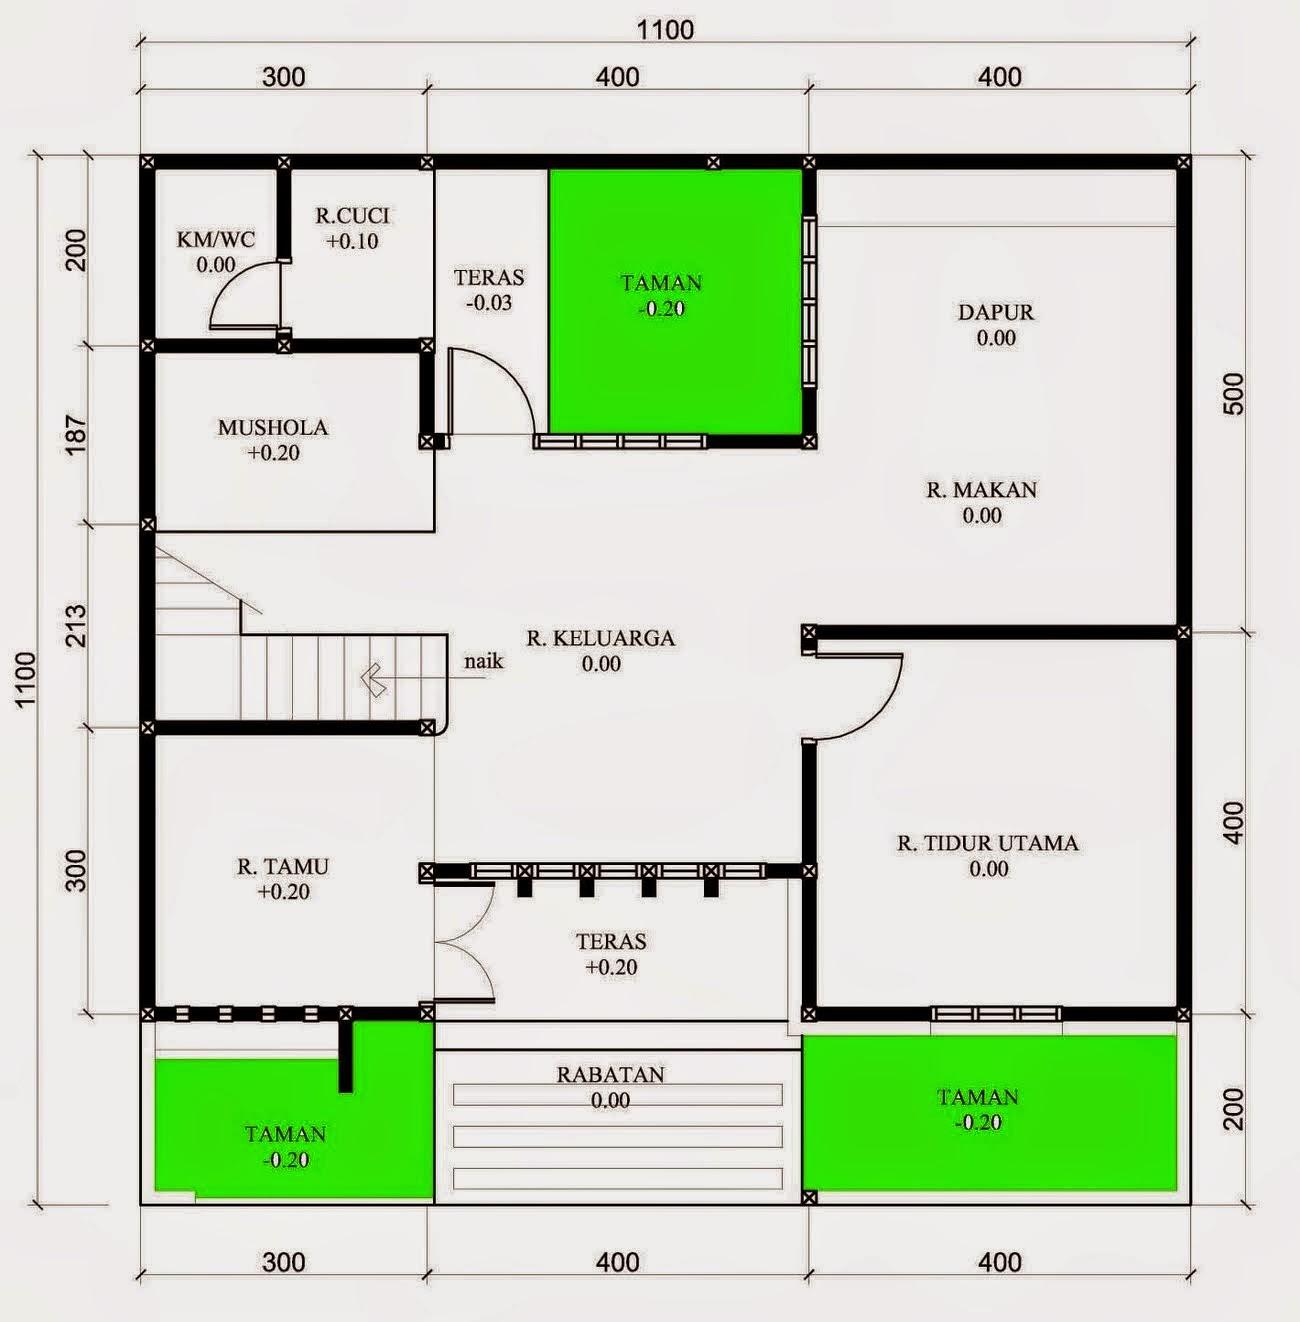 440 Gambar Desain Rumah 3 Kamar 1 Mushola Gratis Unduh